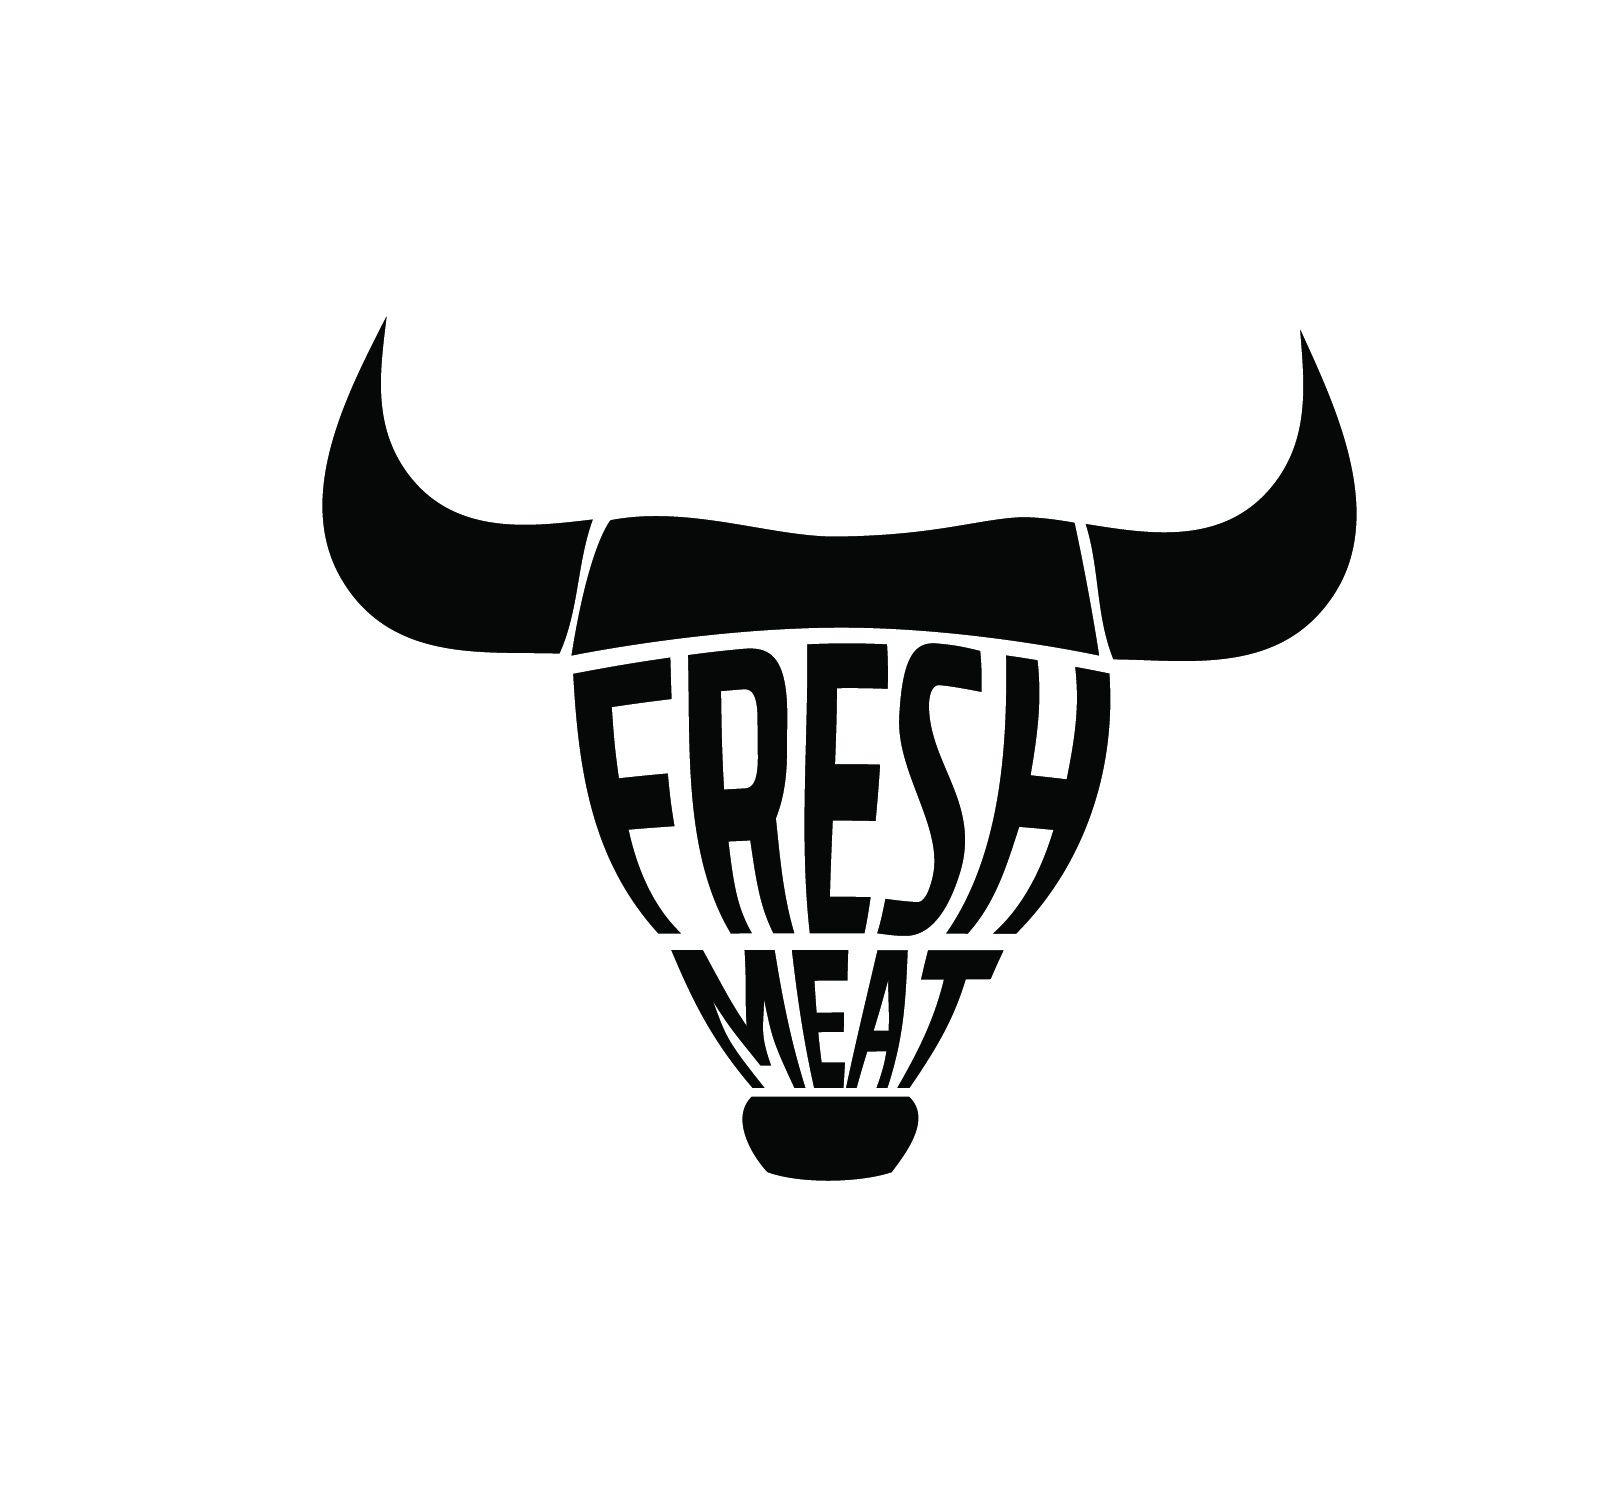 Разработка логотипа и ФС для интернет-ресторана - дизайнер TanOK1